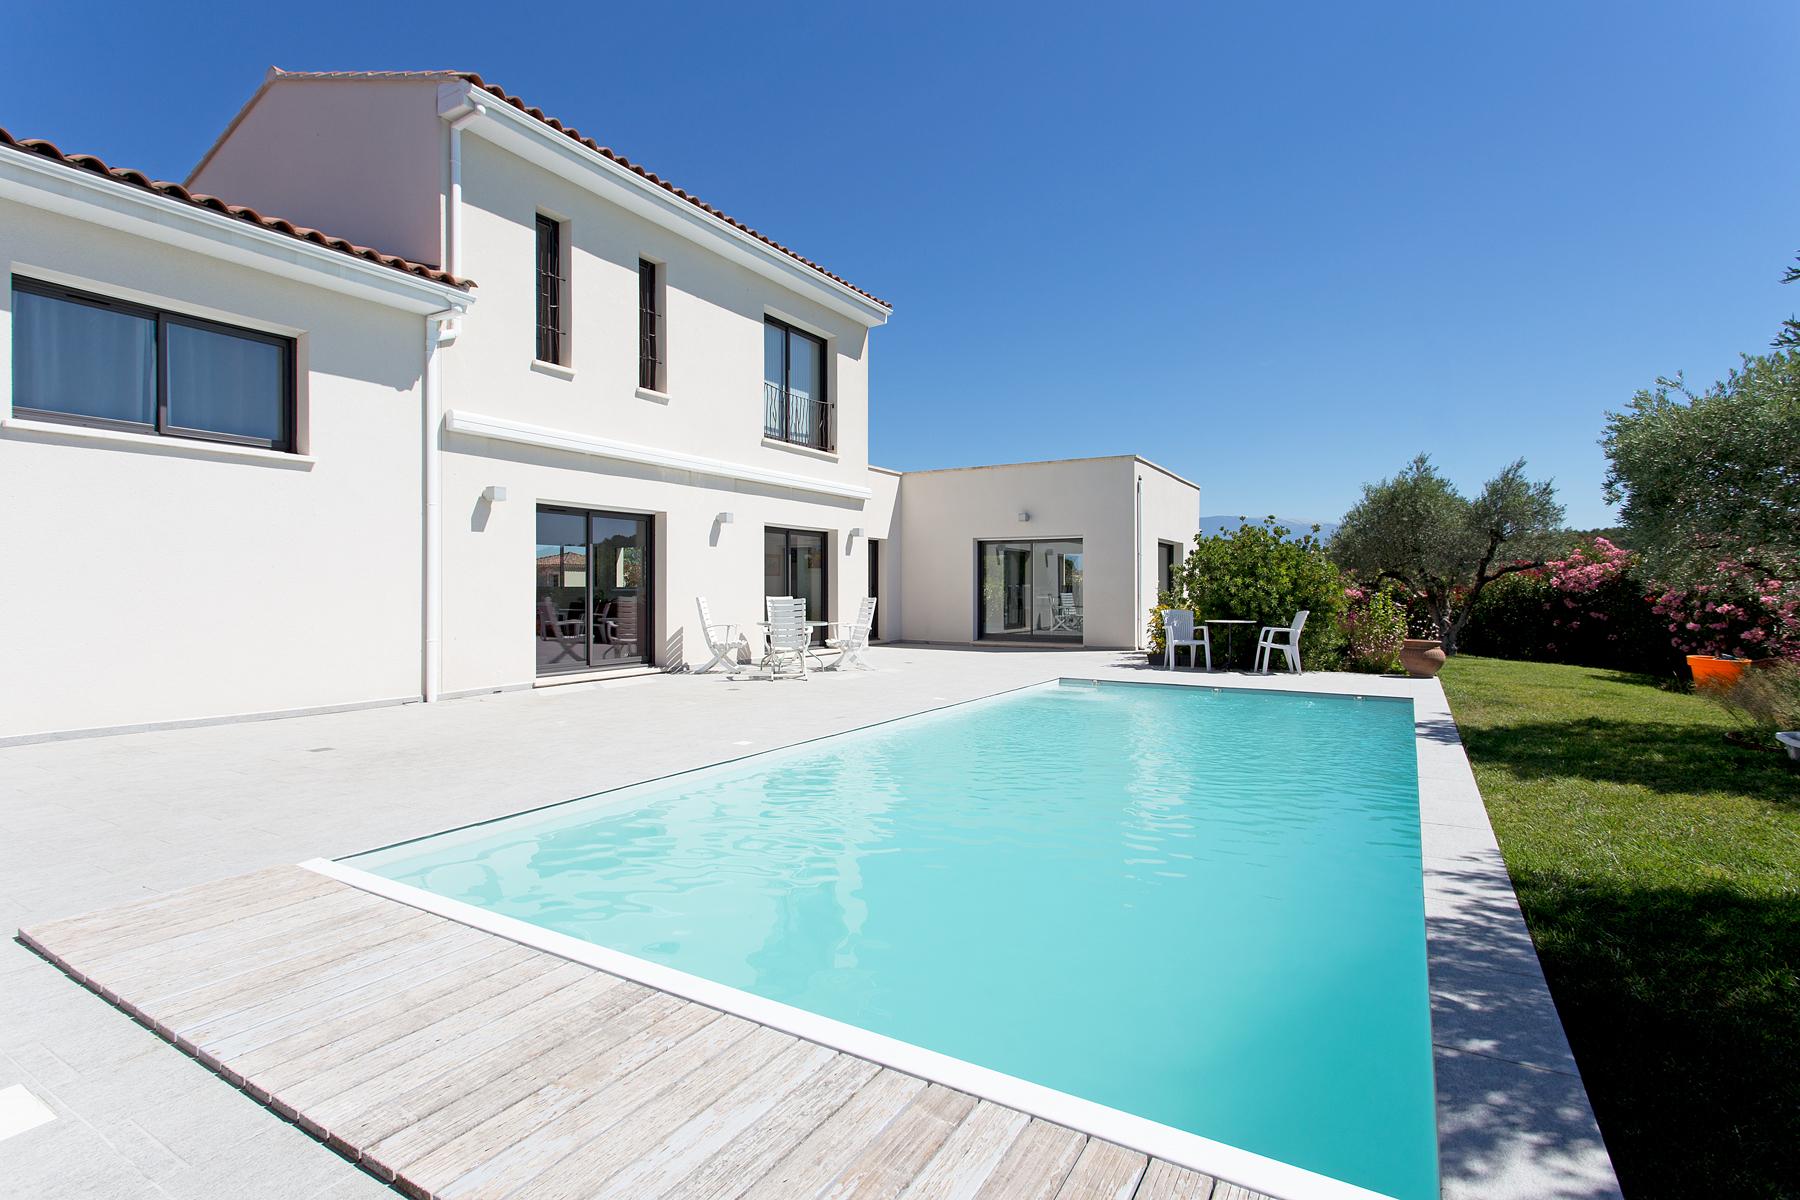 Terrains du constructeur VENTOUX HABITAT • 2400 m² • VENASQUE